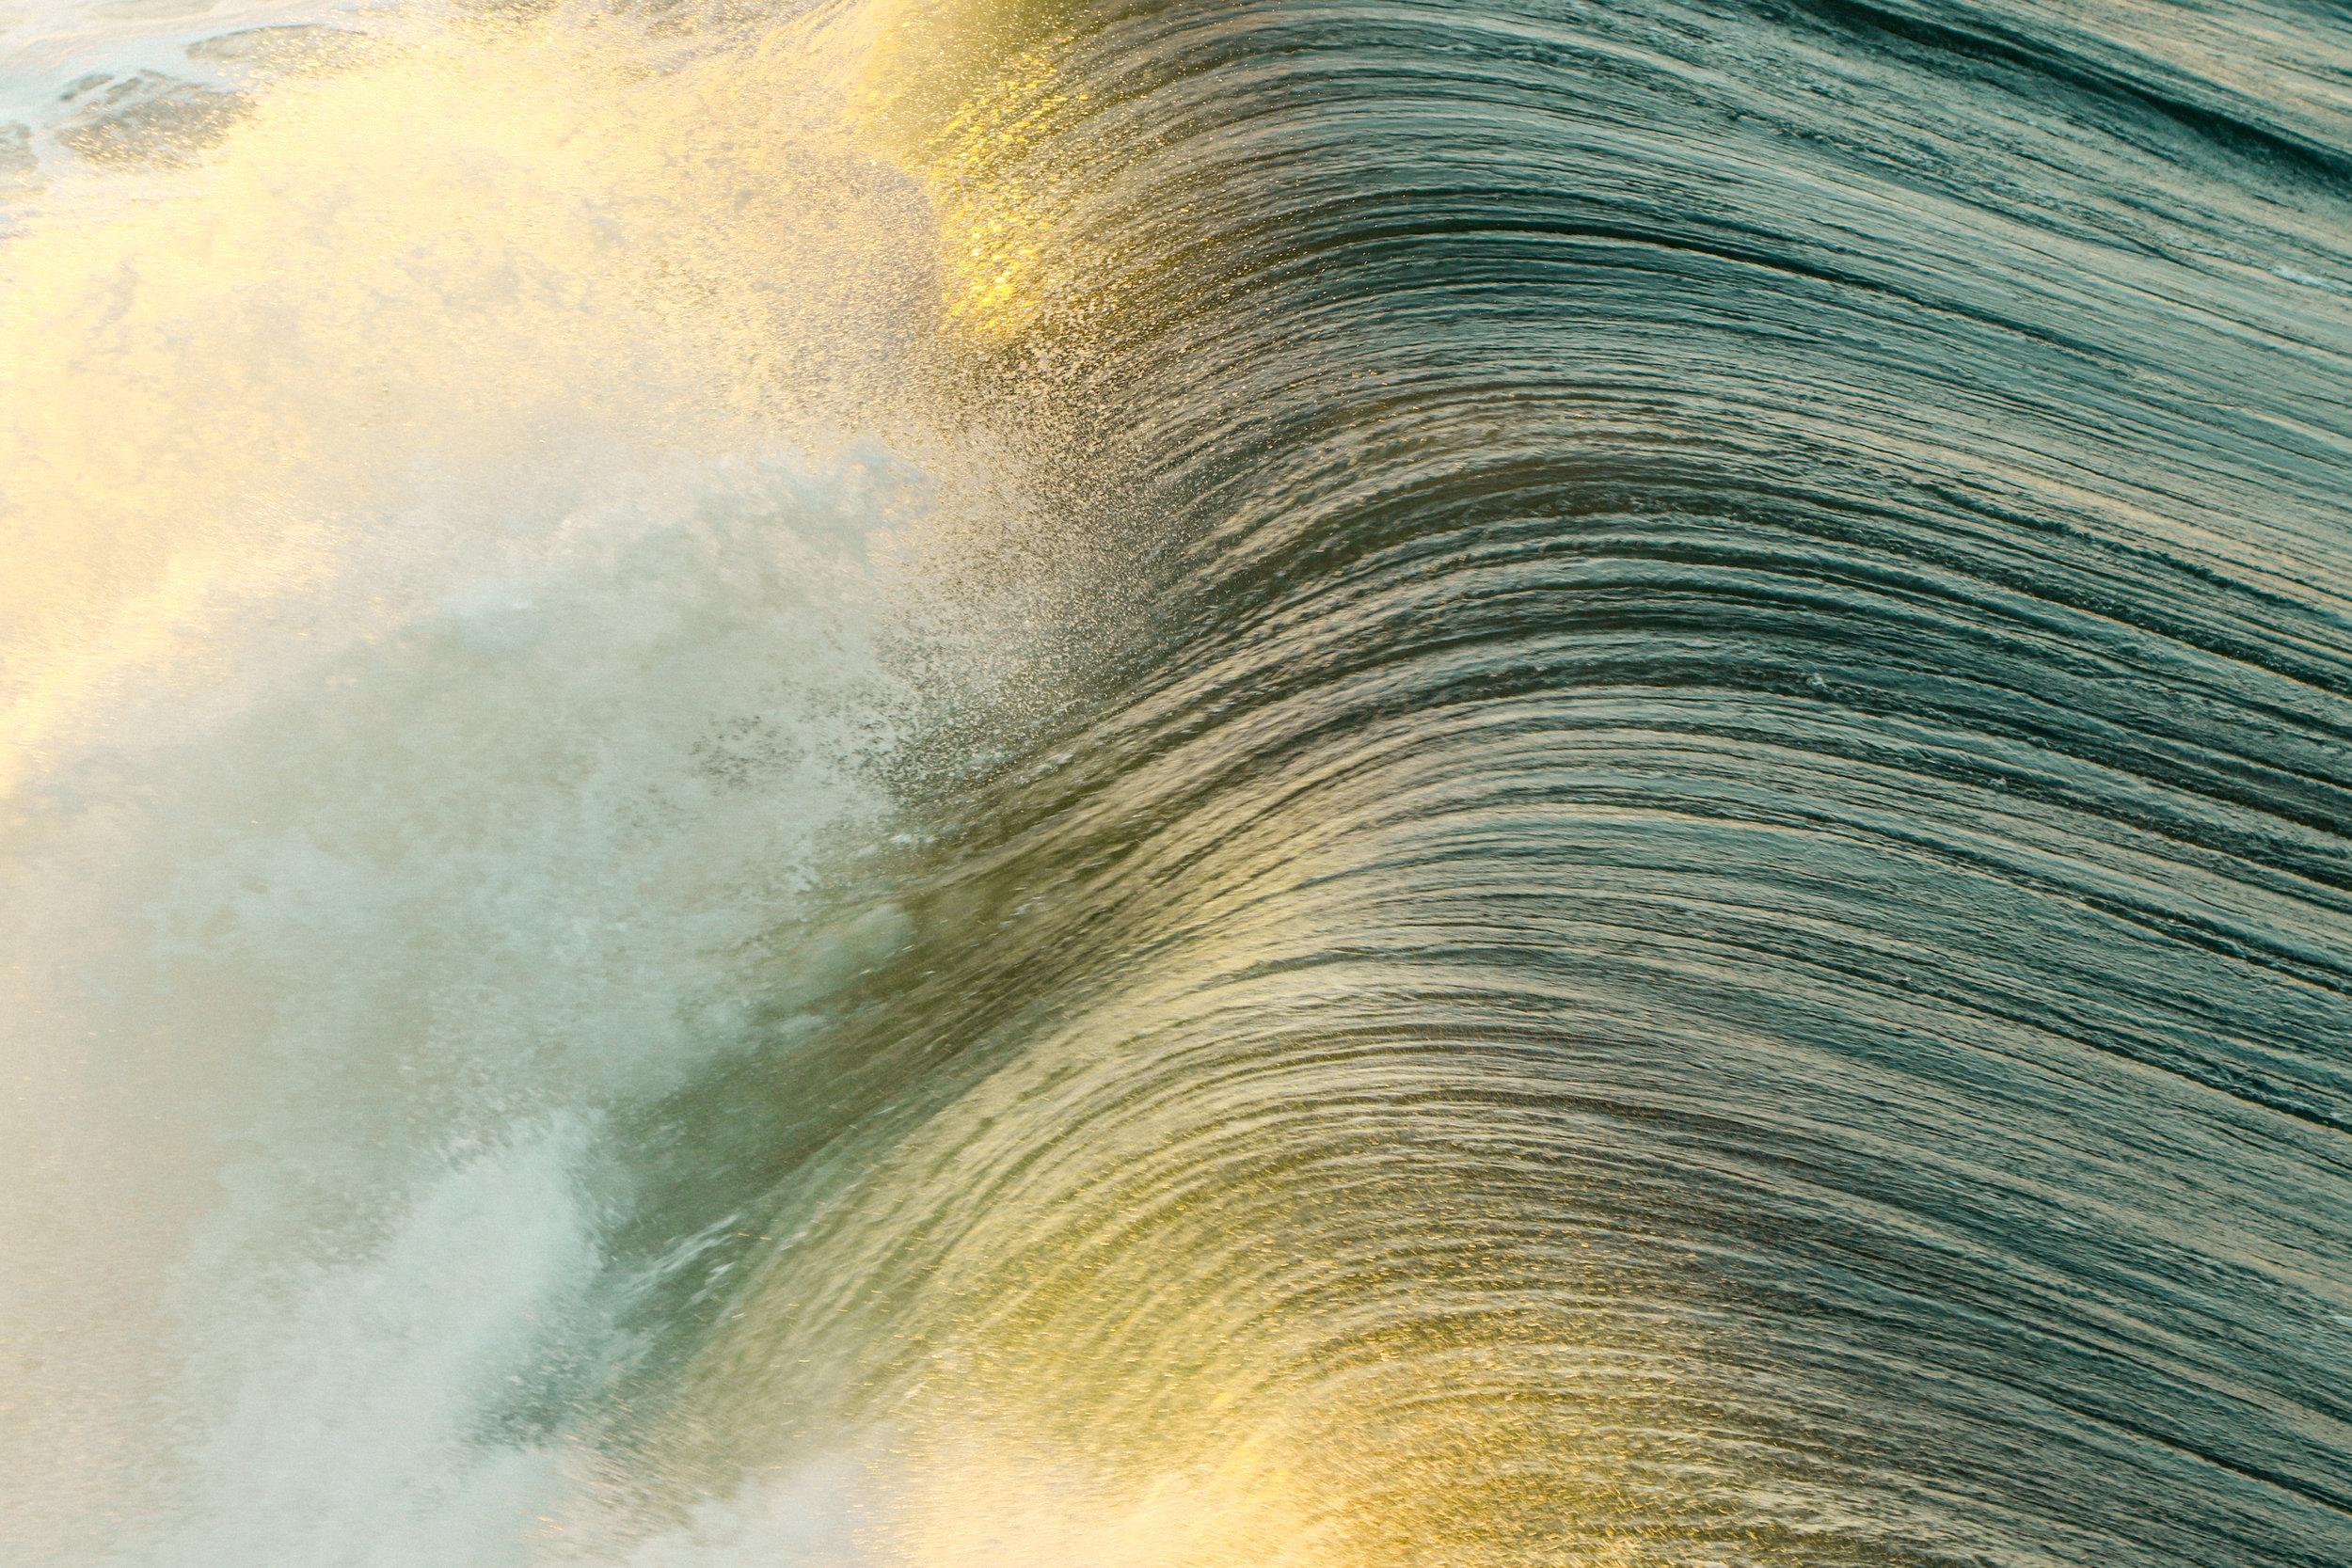 river-water-fließen-flow-Wasser-Zeit-veränderung-change-time